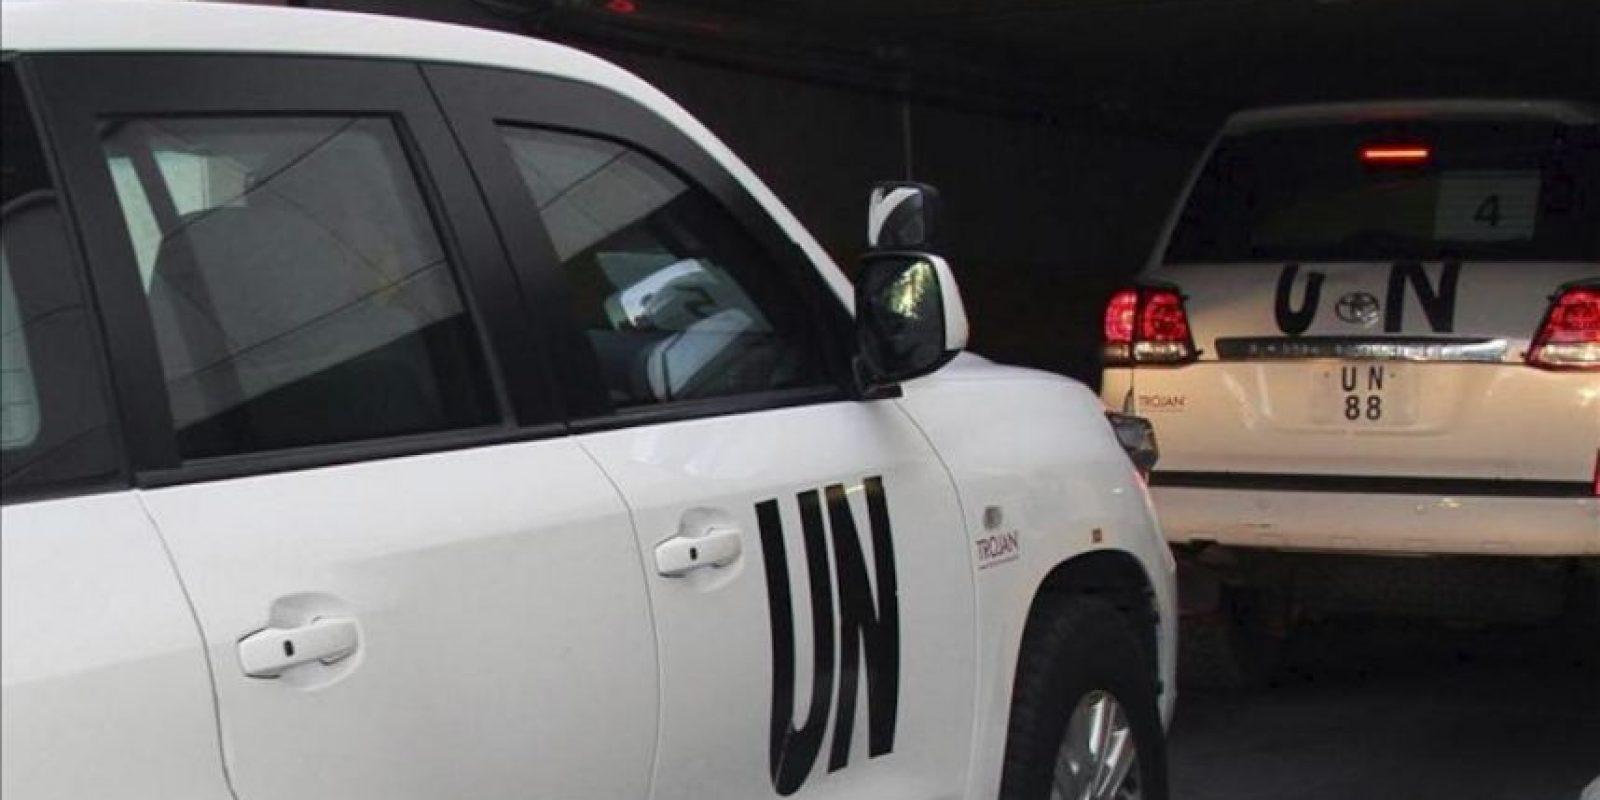 Varios vehículos de la ONU llegan a un hotel en Damasco (Siria), hoy, lunes 26 de agosto de 2013, tras ser disparados durante la investigación del supuesto ataque químico en la periferia de la ciudad. EFE